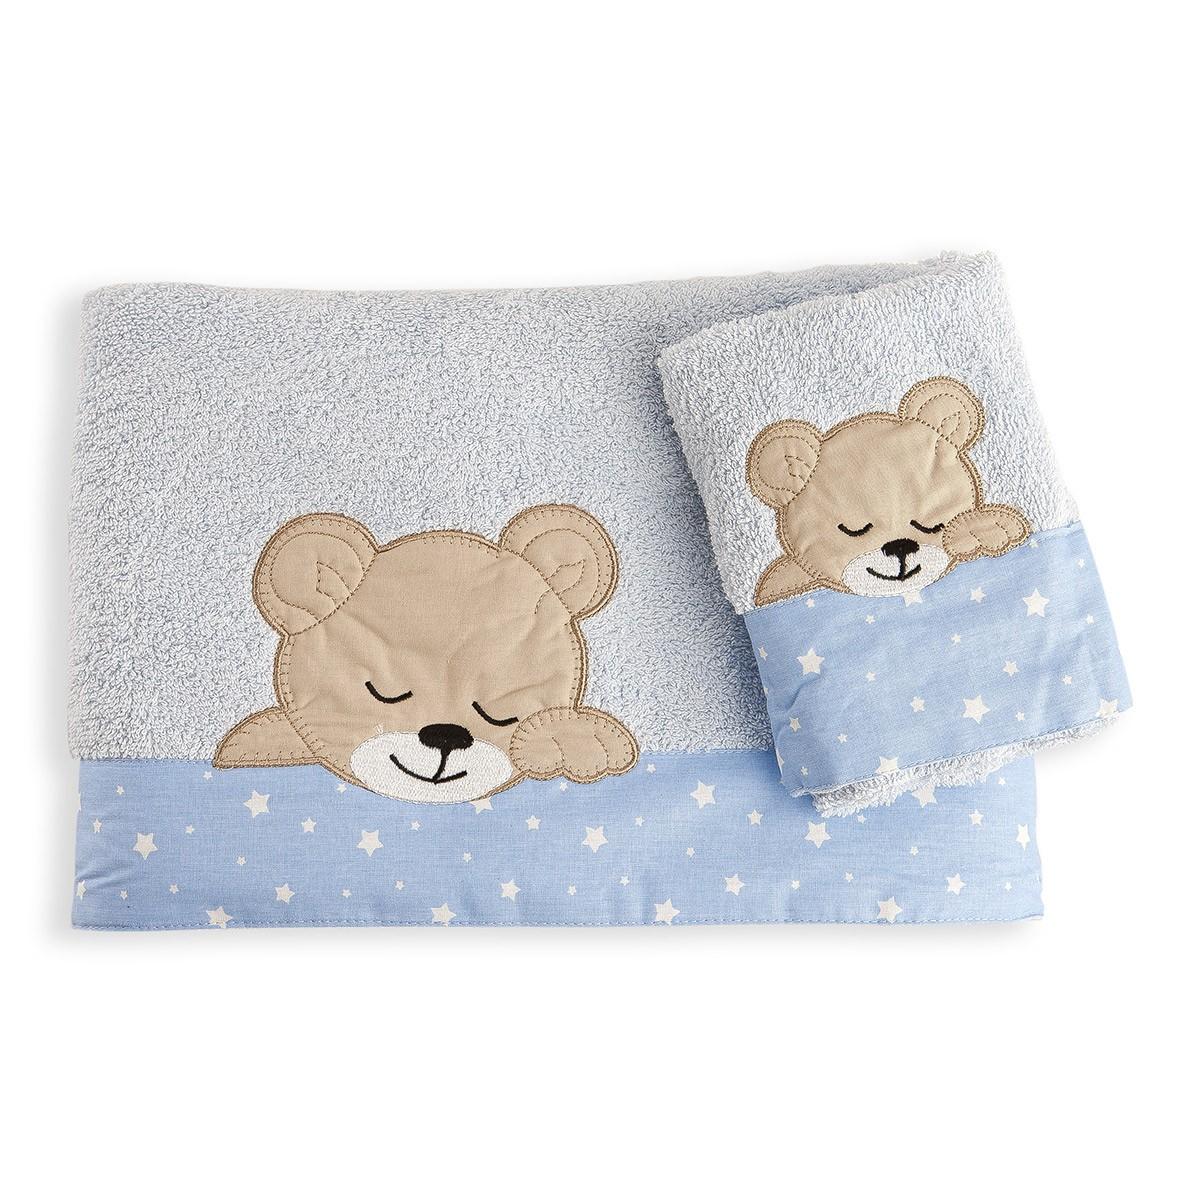 Βρεφικές Πετσέτες (Σετ 2τμχ) Dimcol Sleeping Bear Cub 13